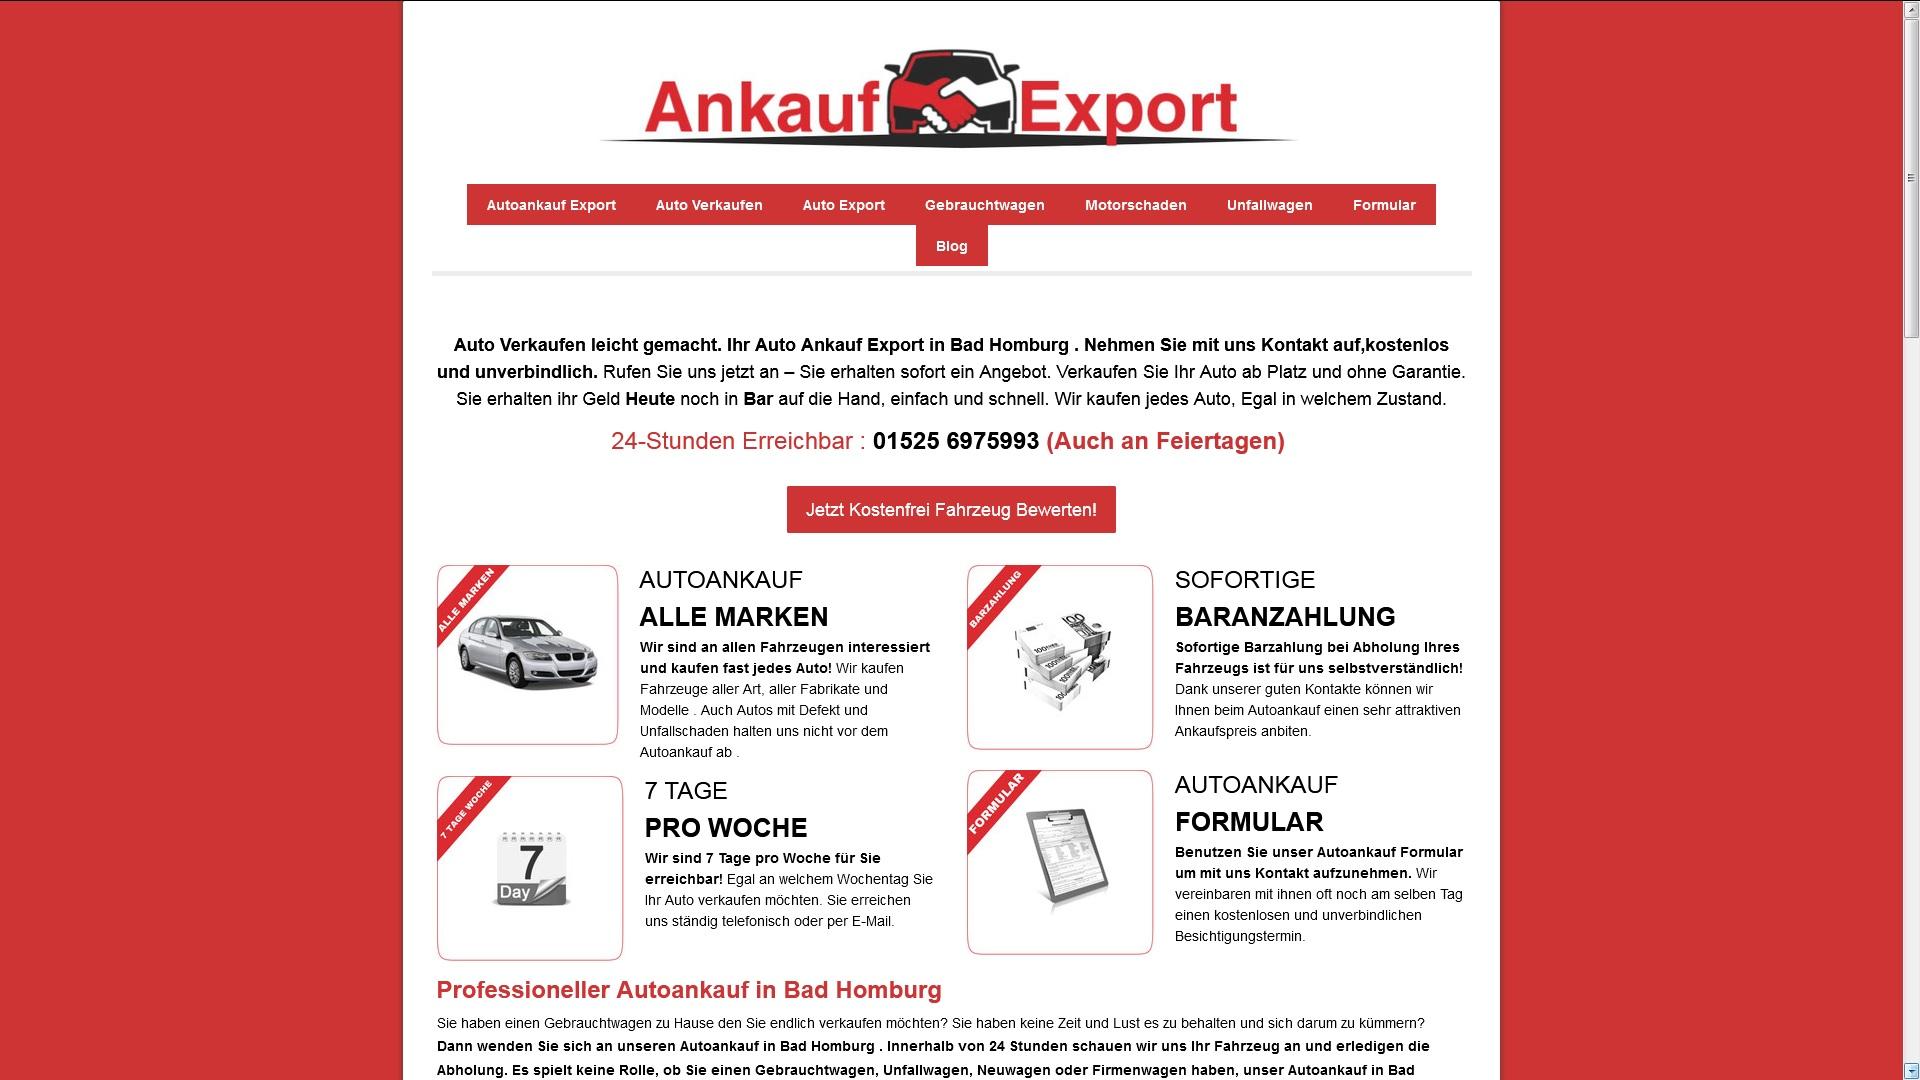 autoankauf warendorf kauft dein gebrauchtwagen an - Autoankauf Warendorf kauft dein Gebrauchtwagen an